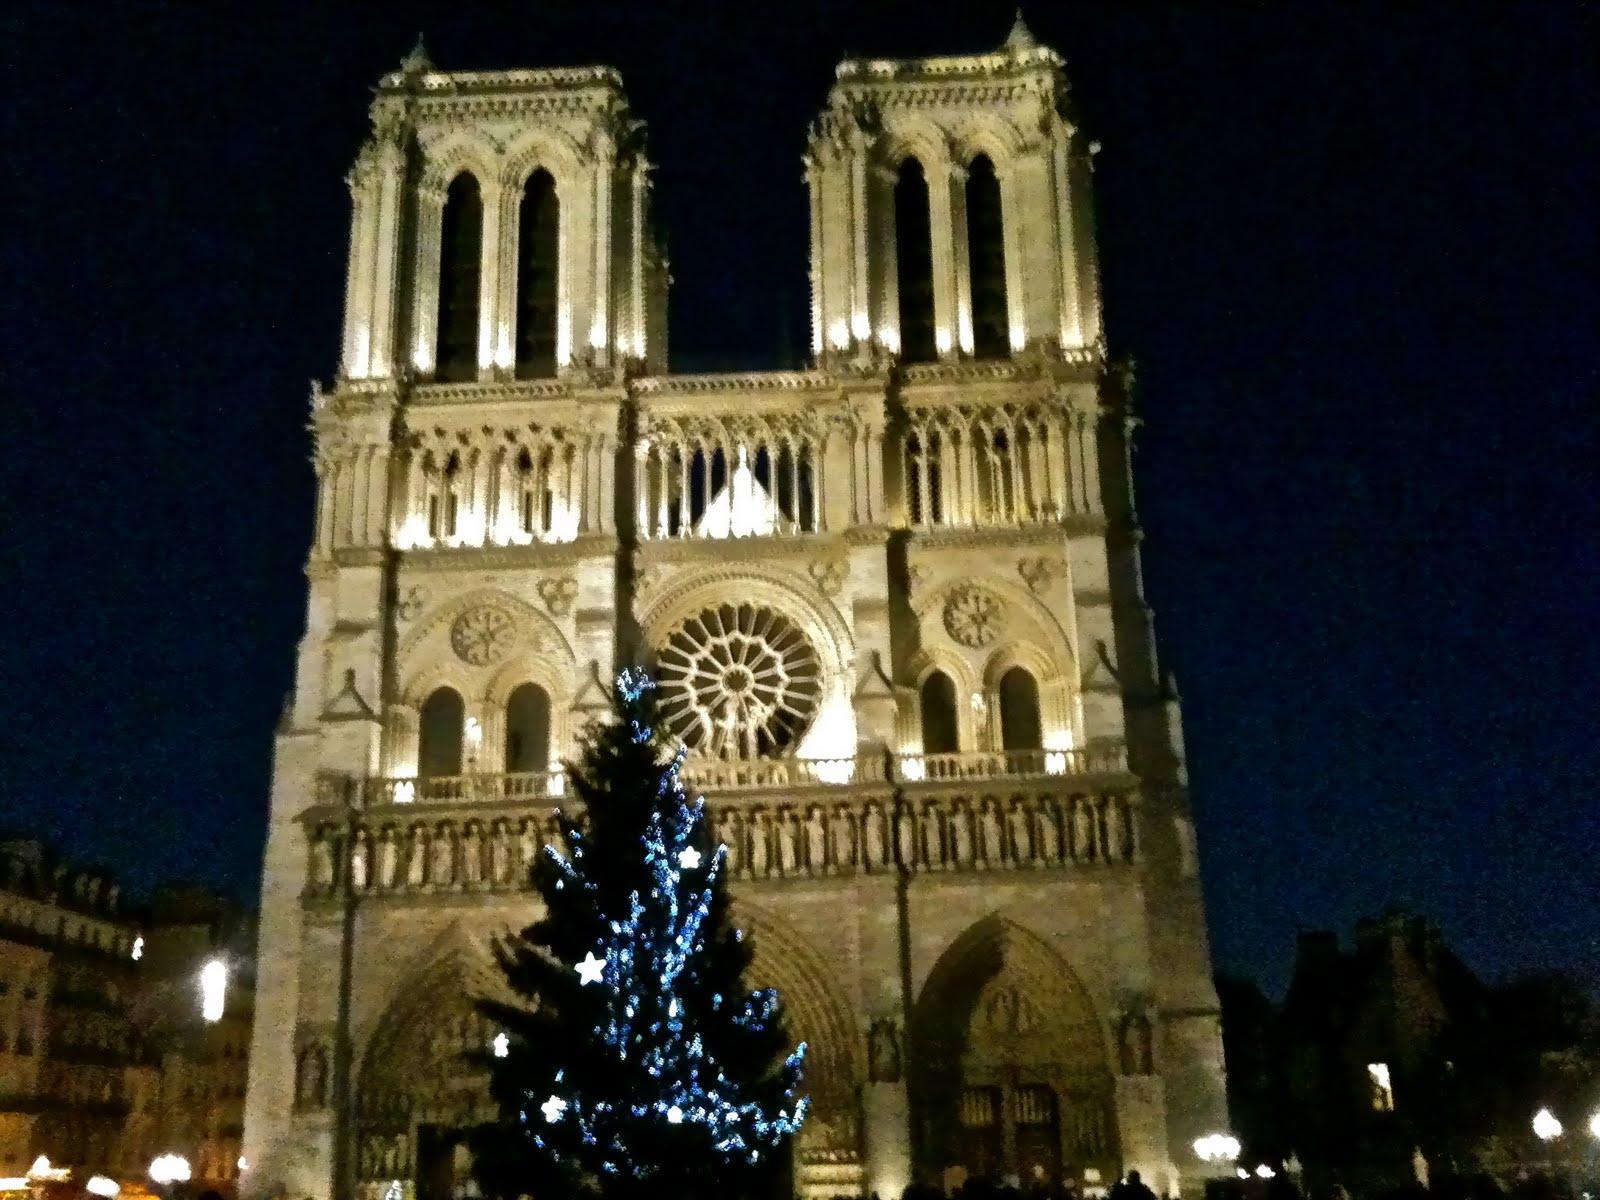 Cathedralé Notre Dame de Paris: On the night of Christmas – Anon\'s Paris